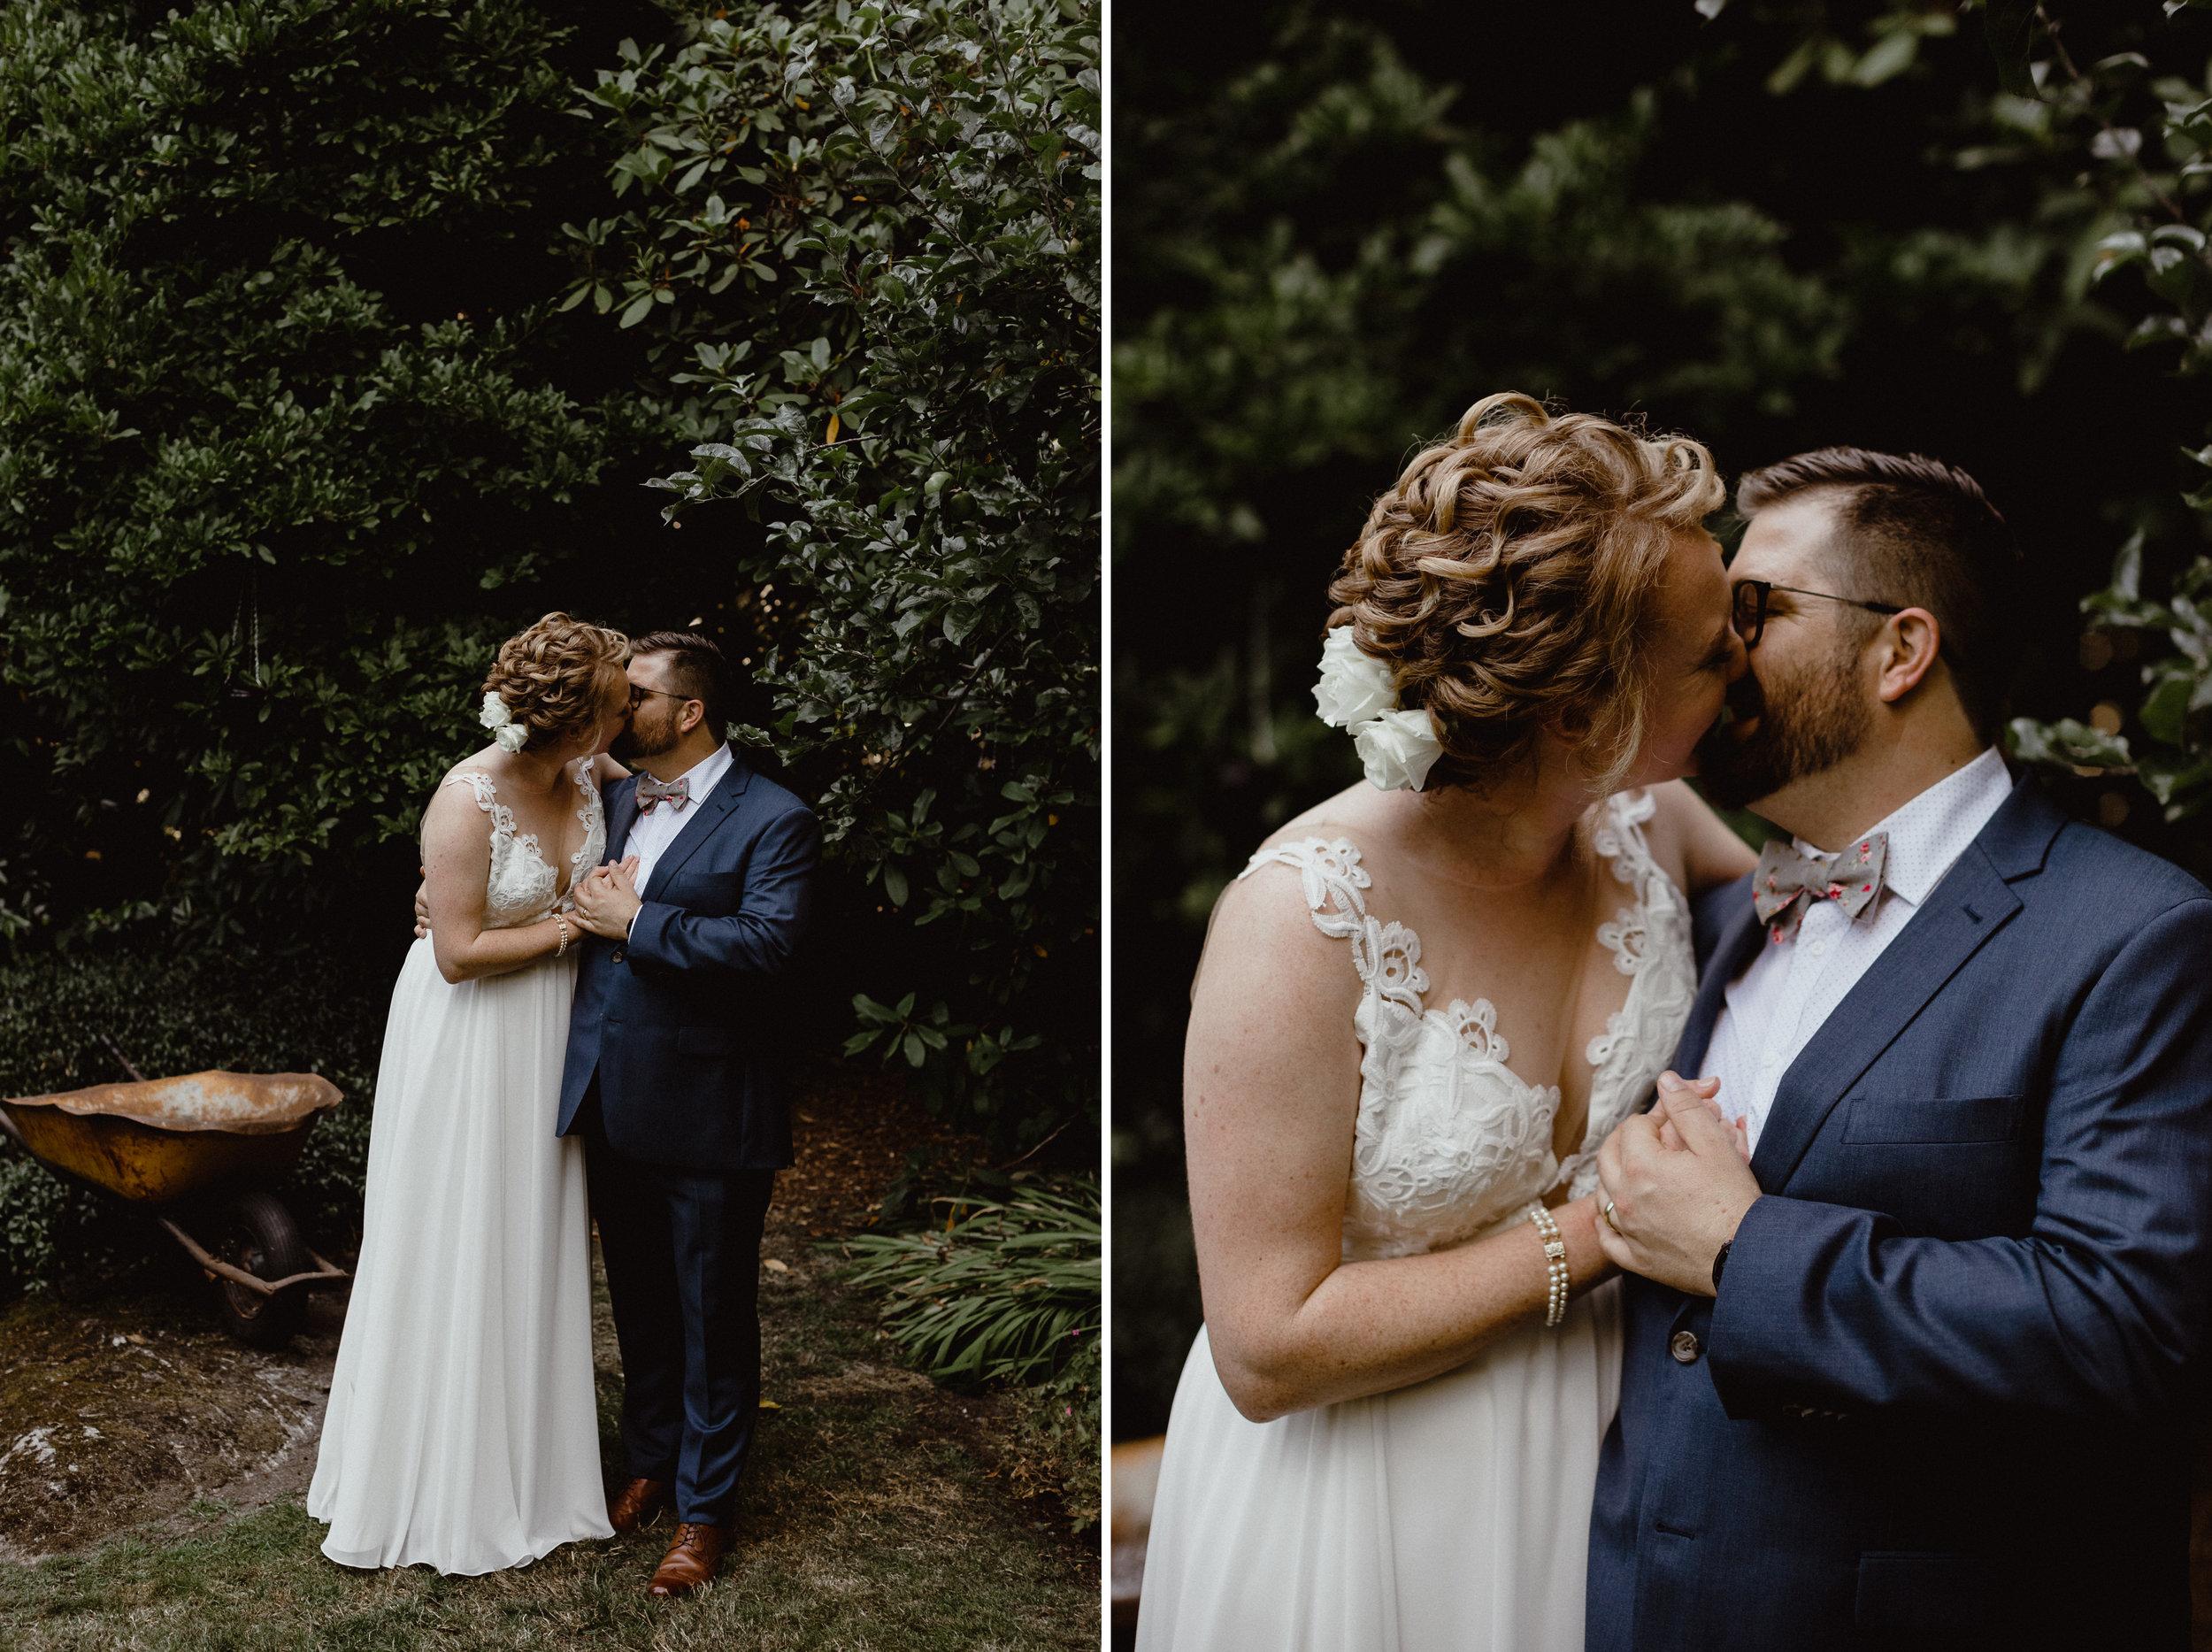 west-vancouver-backyard-wedding-179.jpg